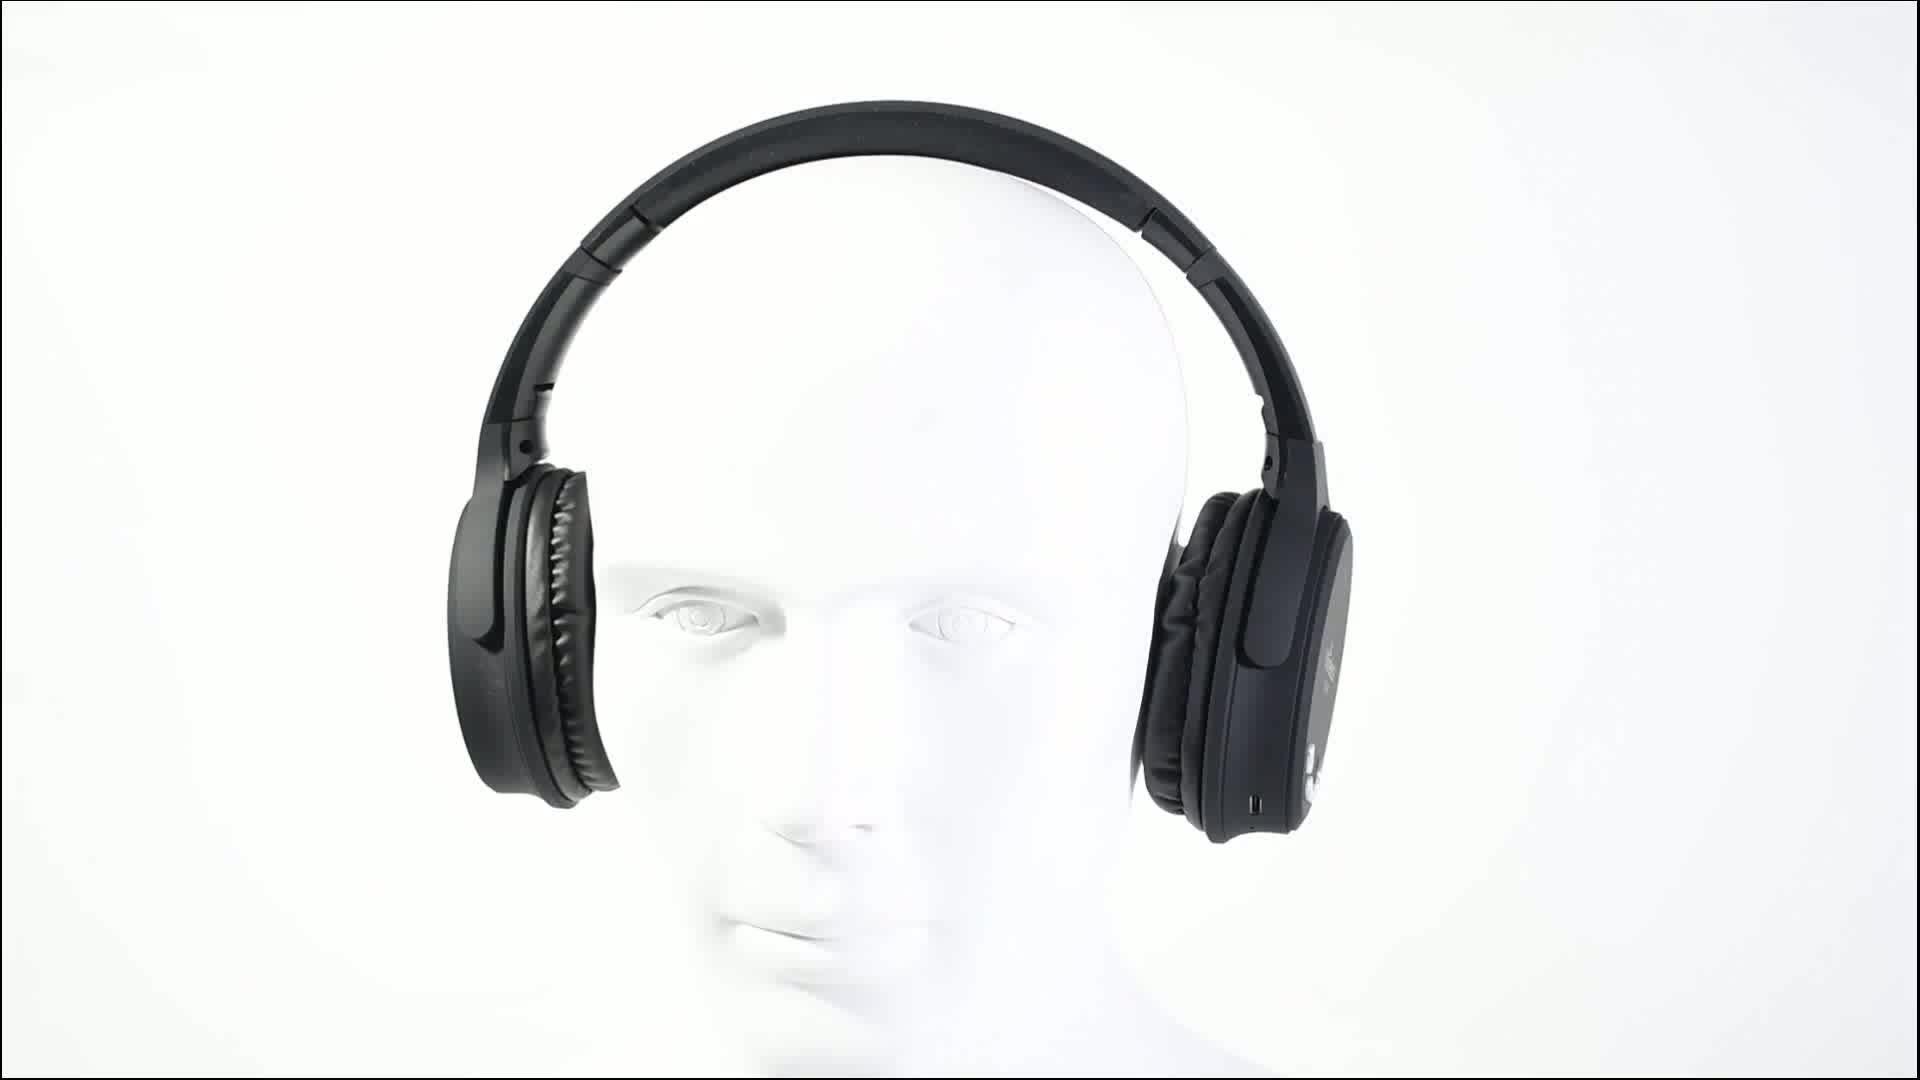 Feinier LBS-50 शोर अलगाव से अधिक-कान हेडबैंड वायरलेस हेड फोन्स, TF है और एफएम के साथ स्टीरियो हेडसेट हाथों से नि: शुल्क